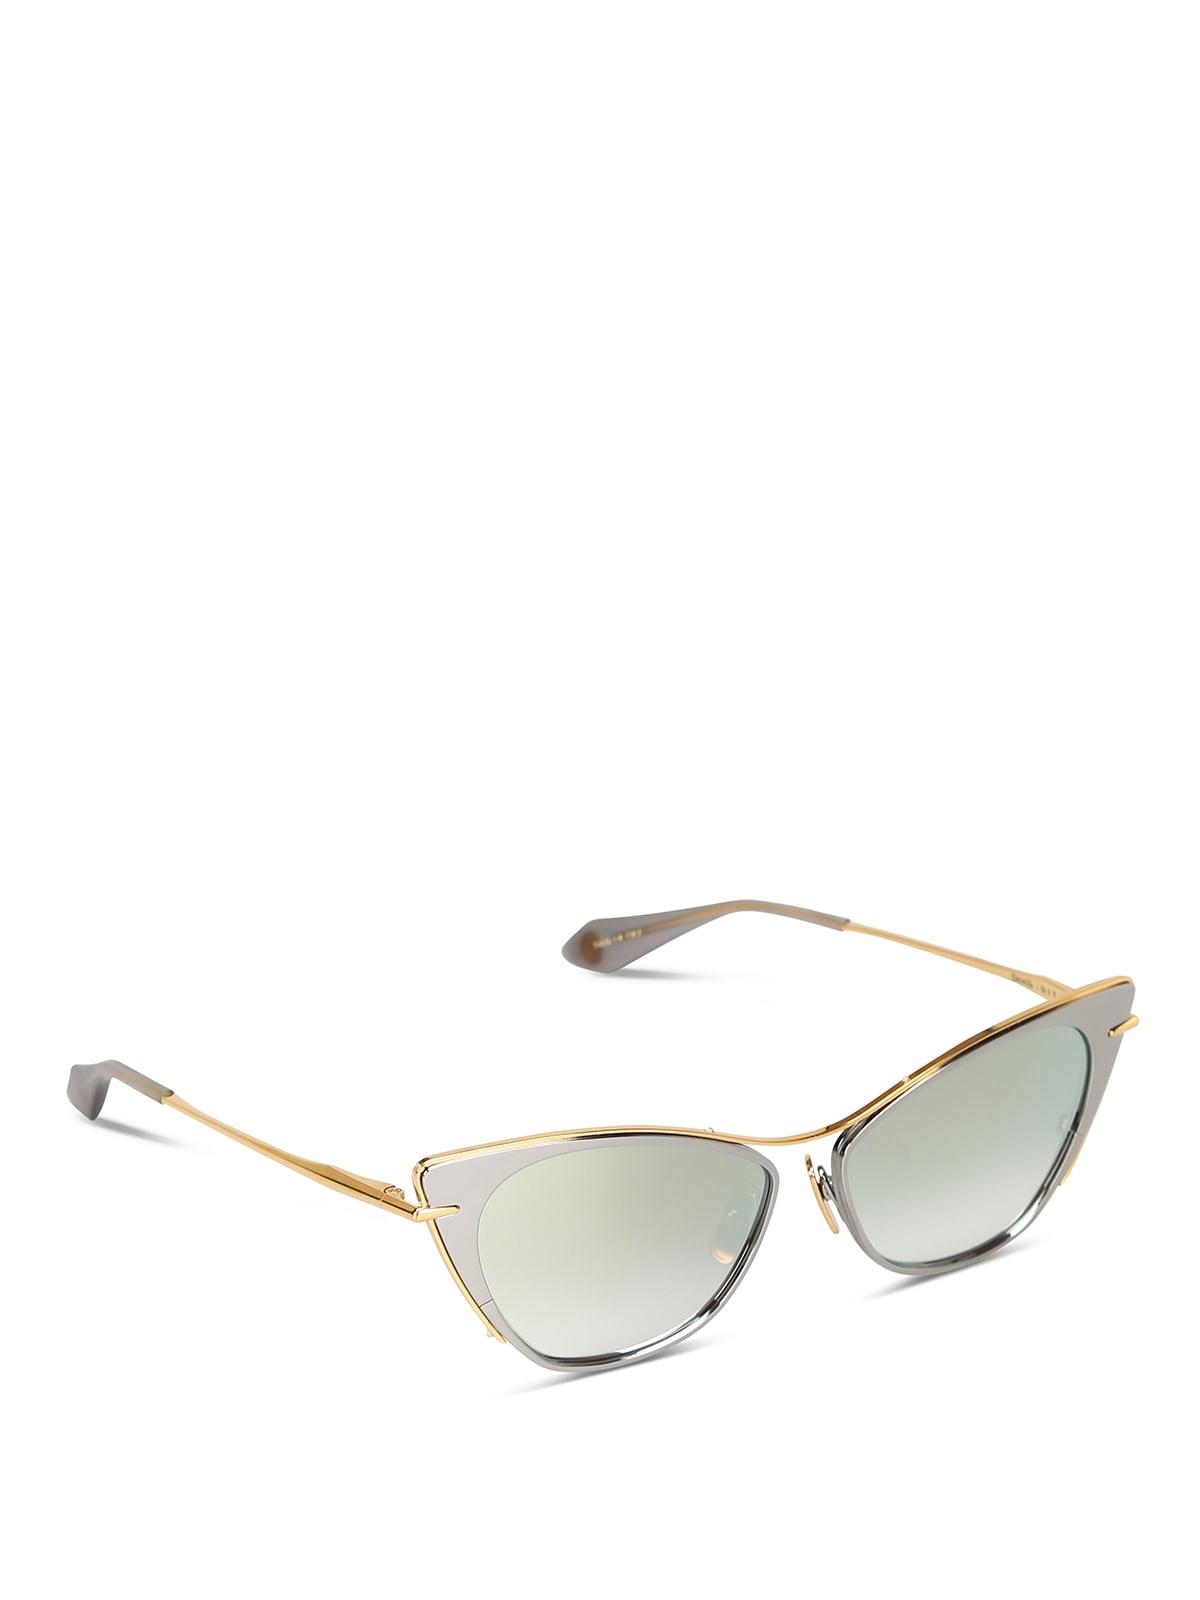 DTS522/56/03 Sunglasses